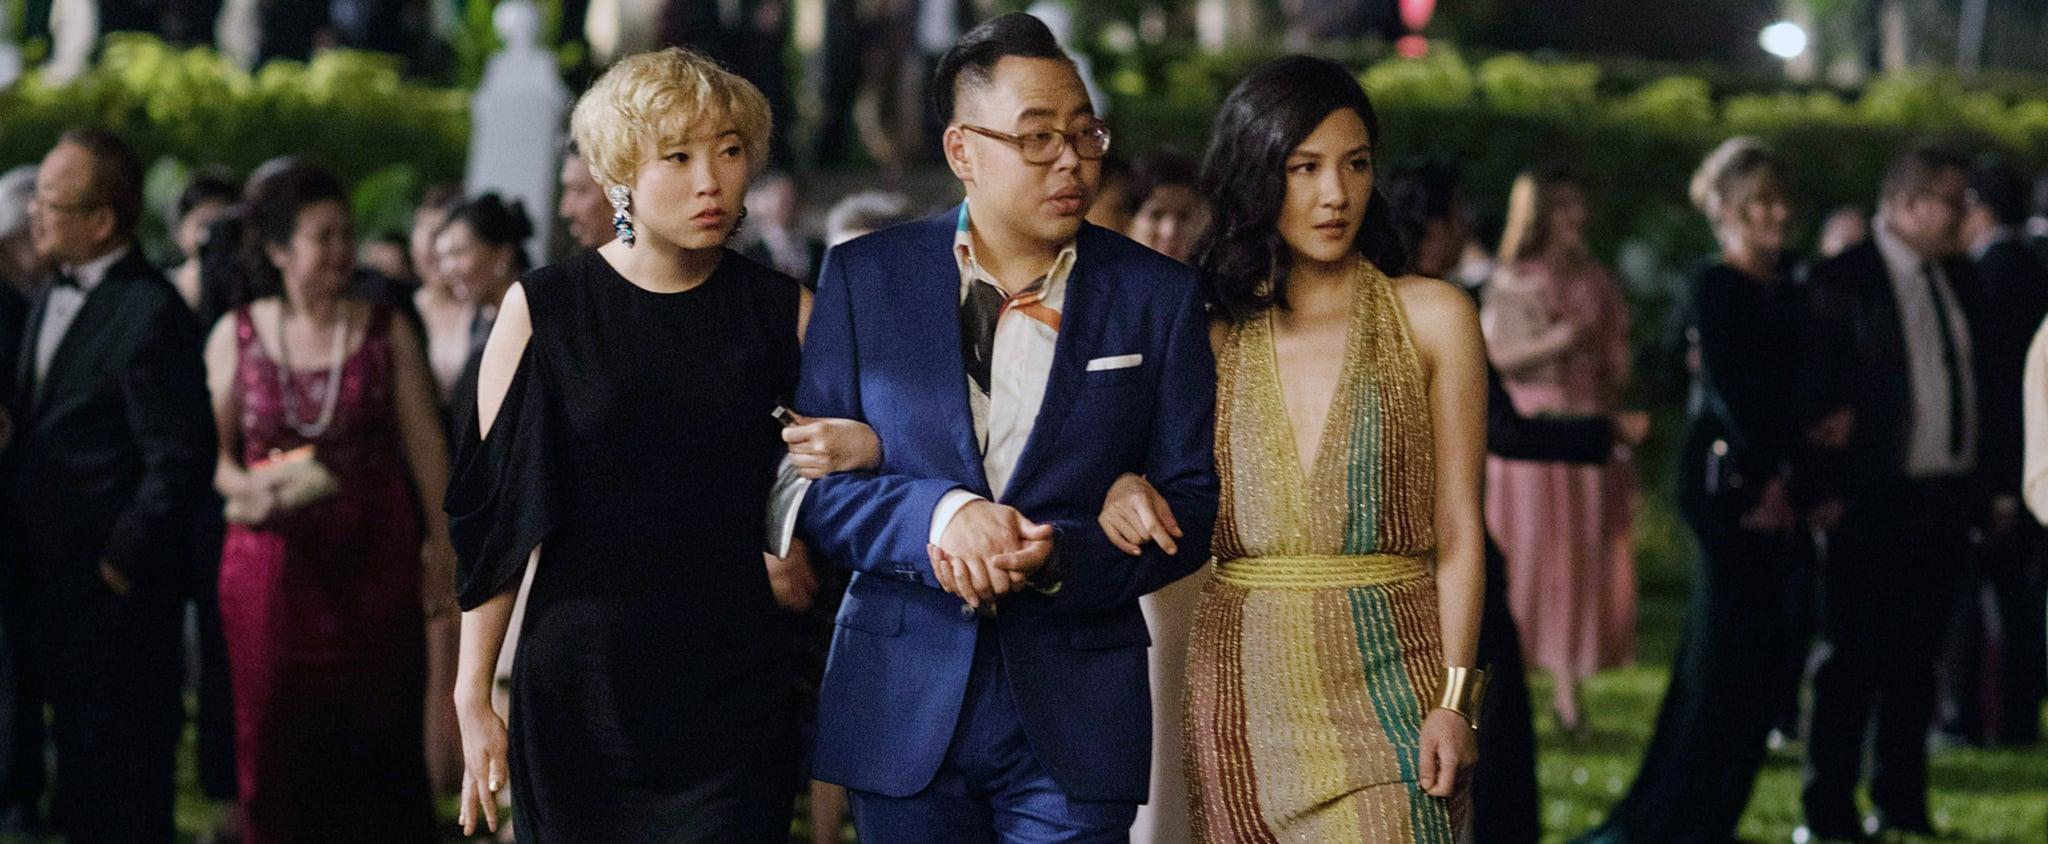 Crazy Rich Asians Movie Cast